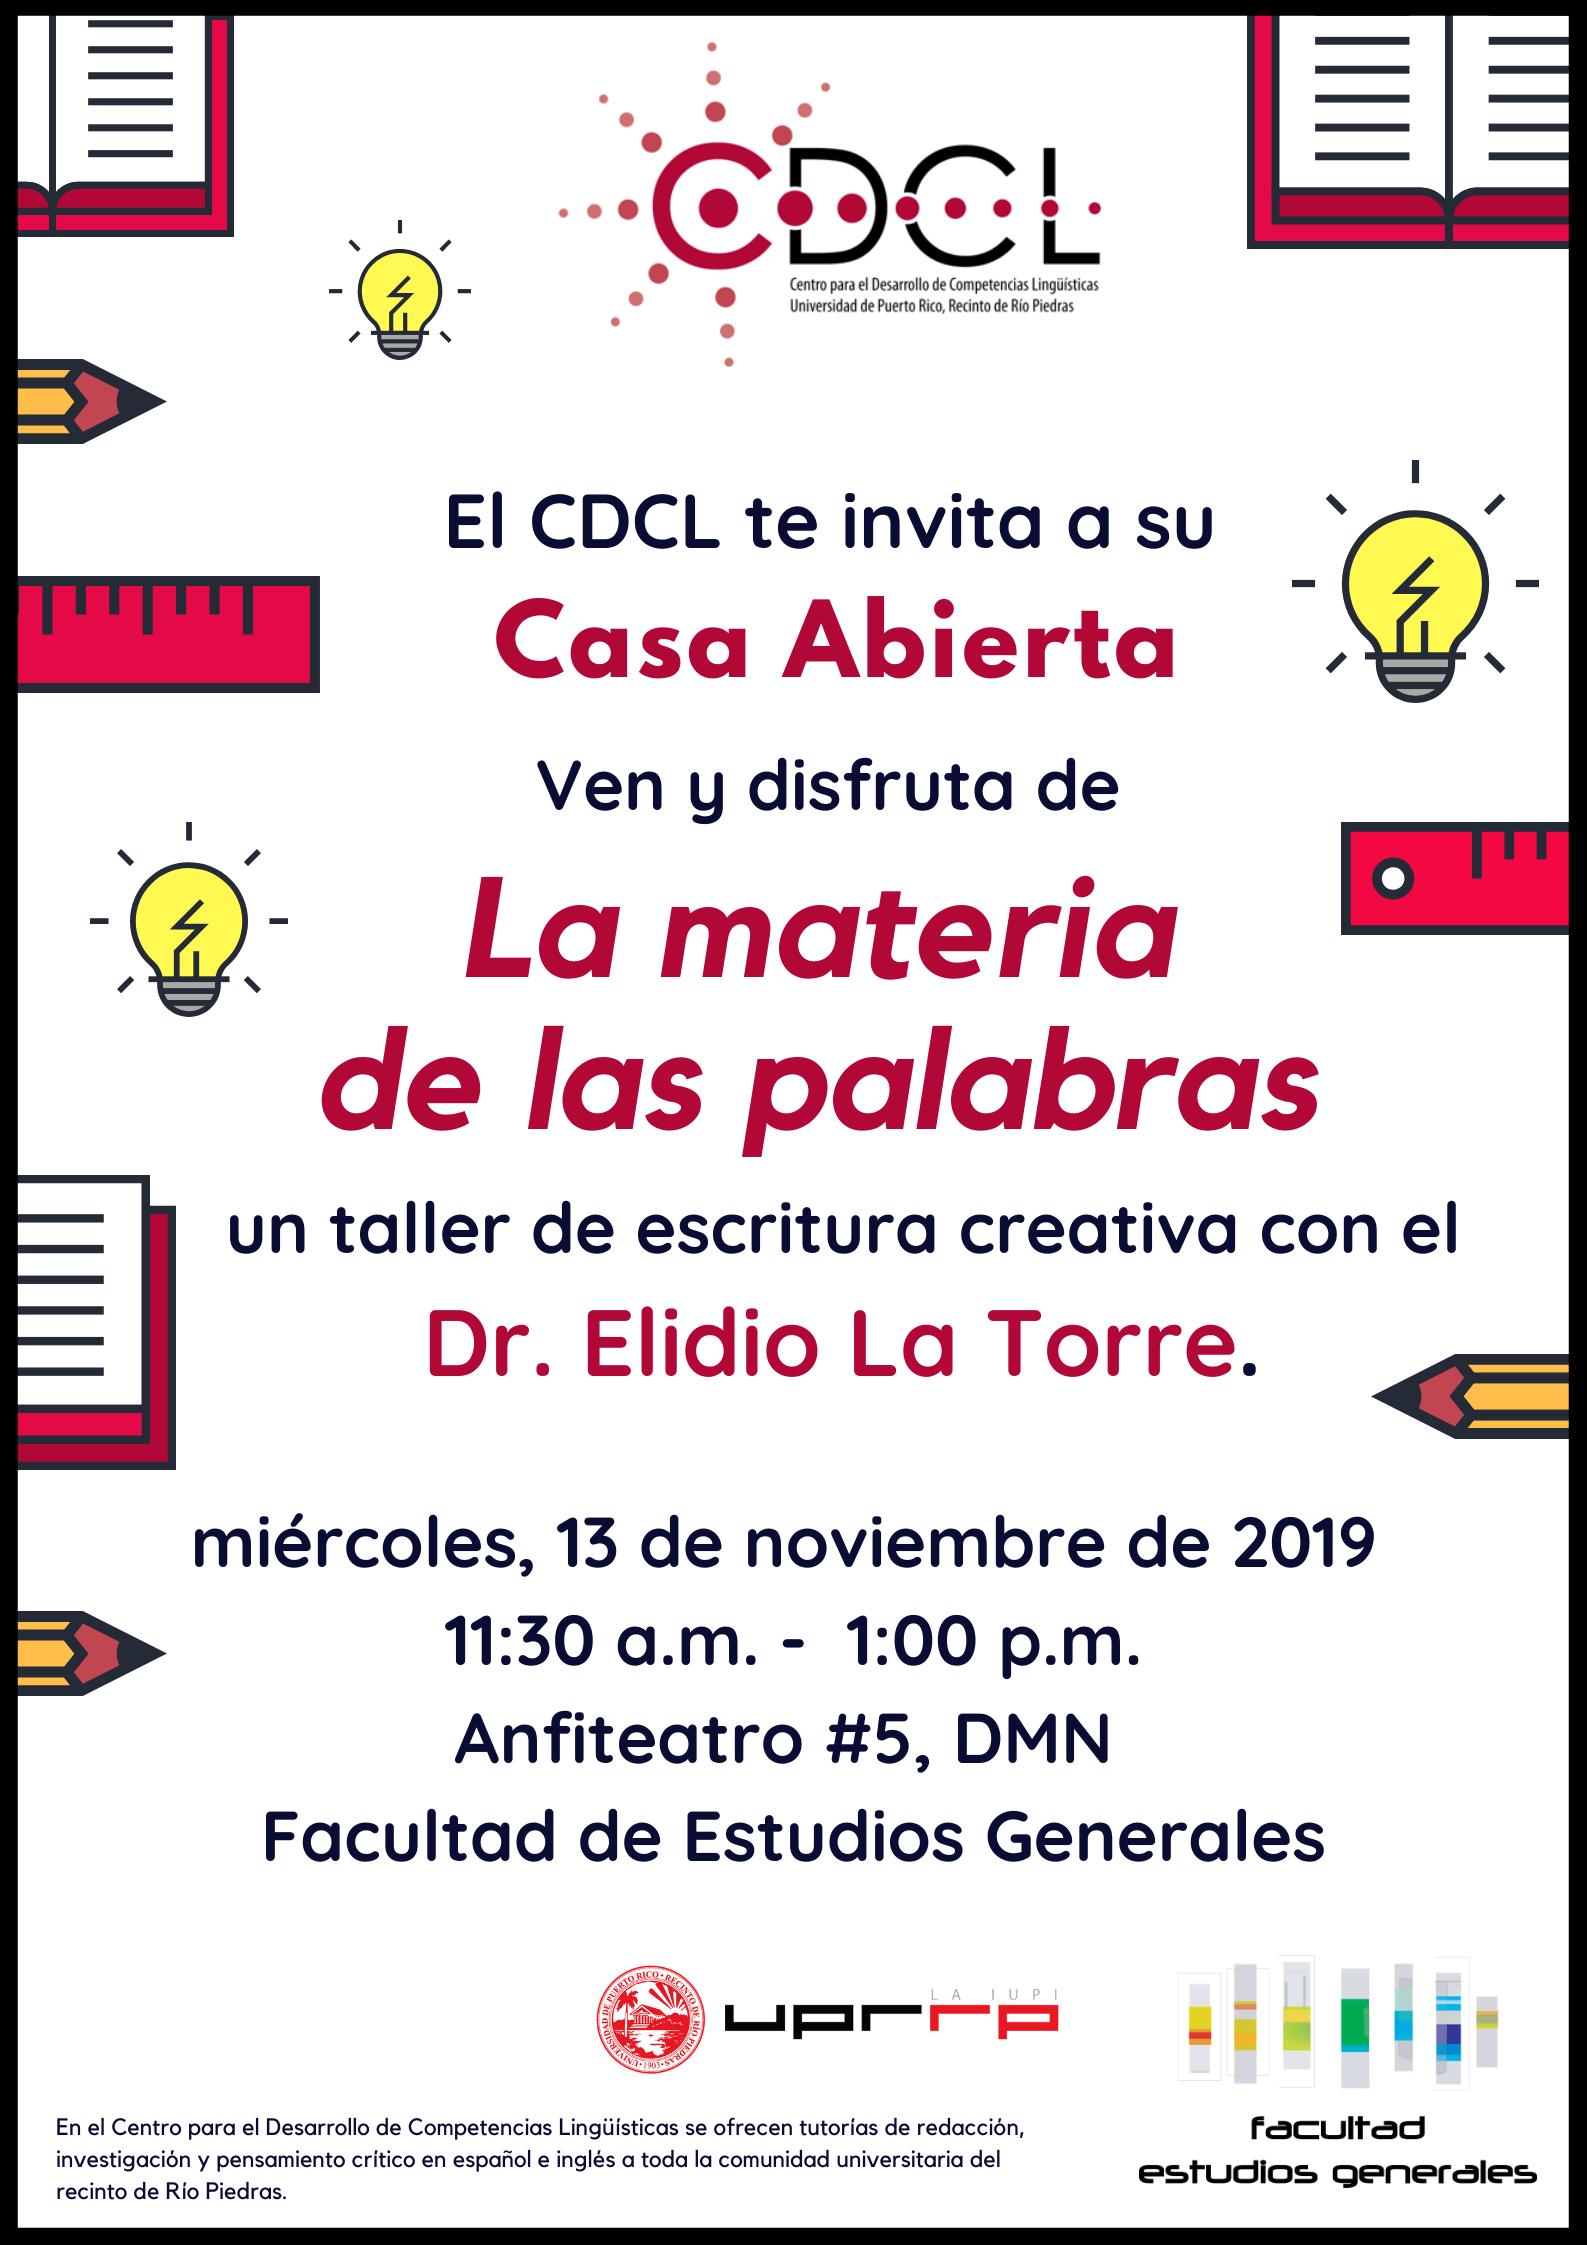 Promoción de la casa abierta del CDCL 2019